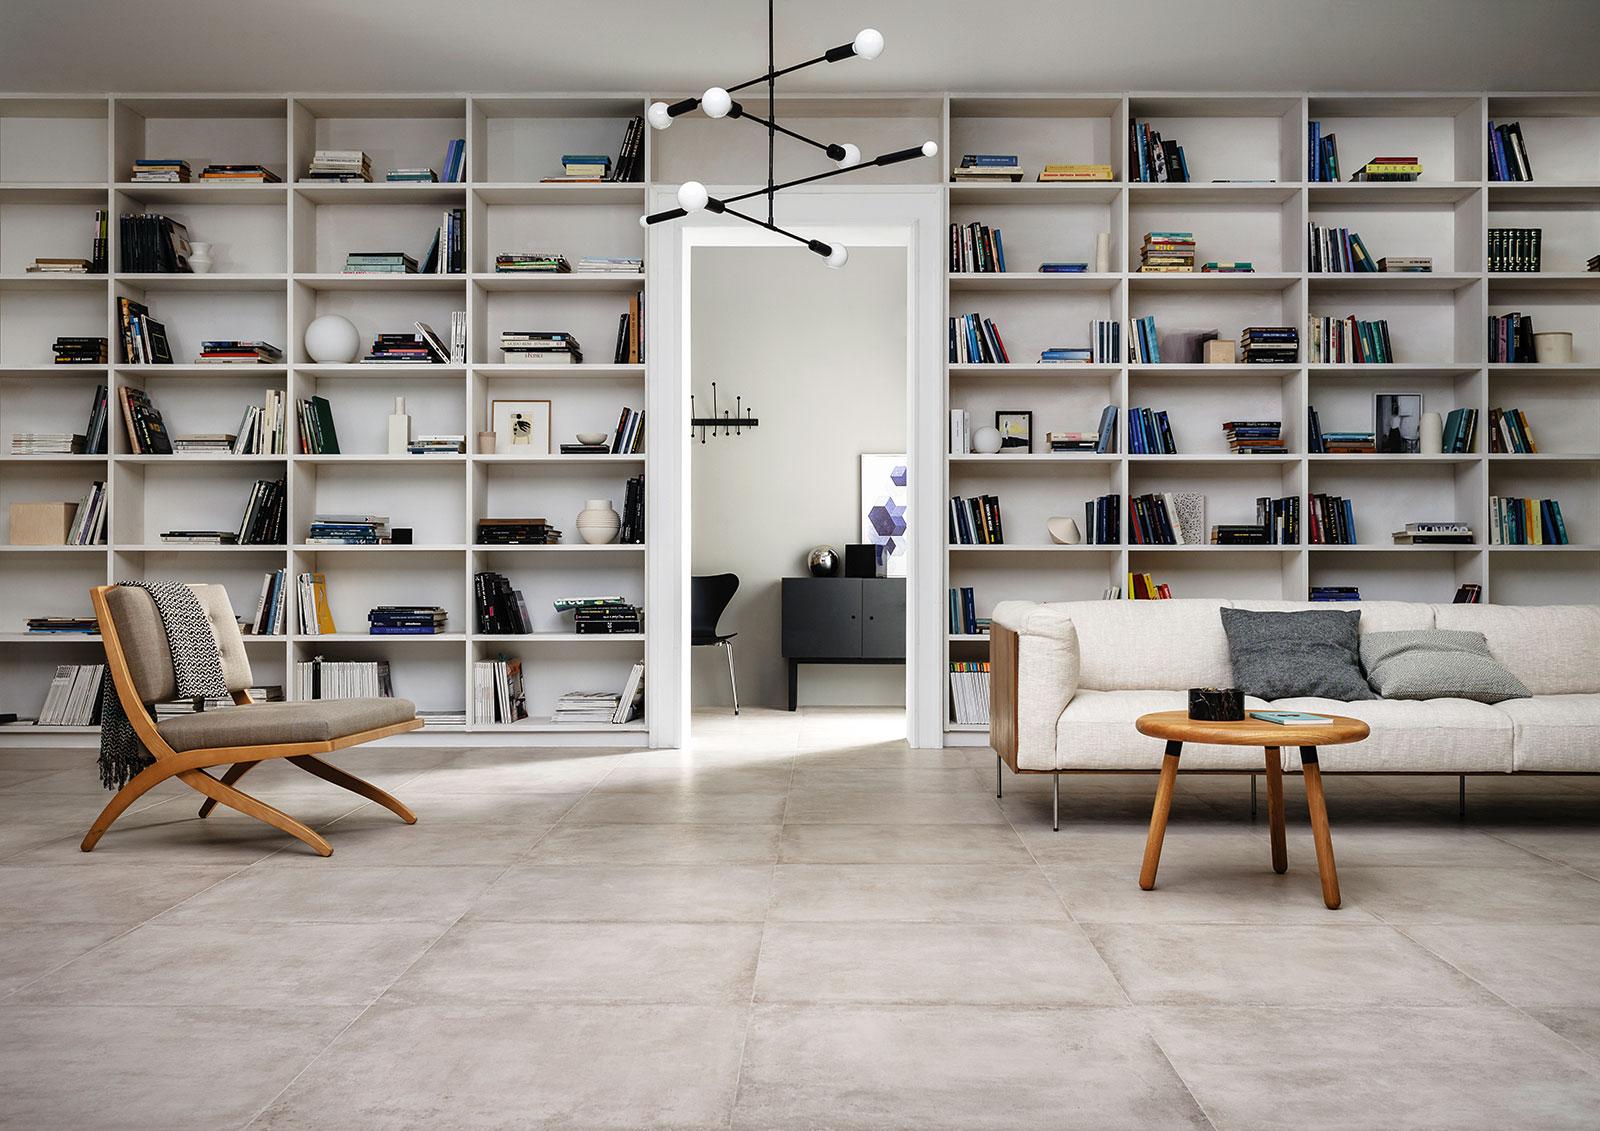 Piastrelle pavimento le idee per la tua casa marazzi for Marazzi piastrelle